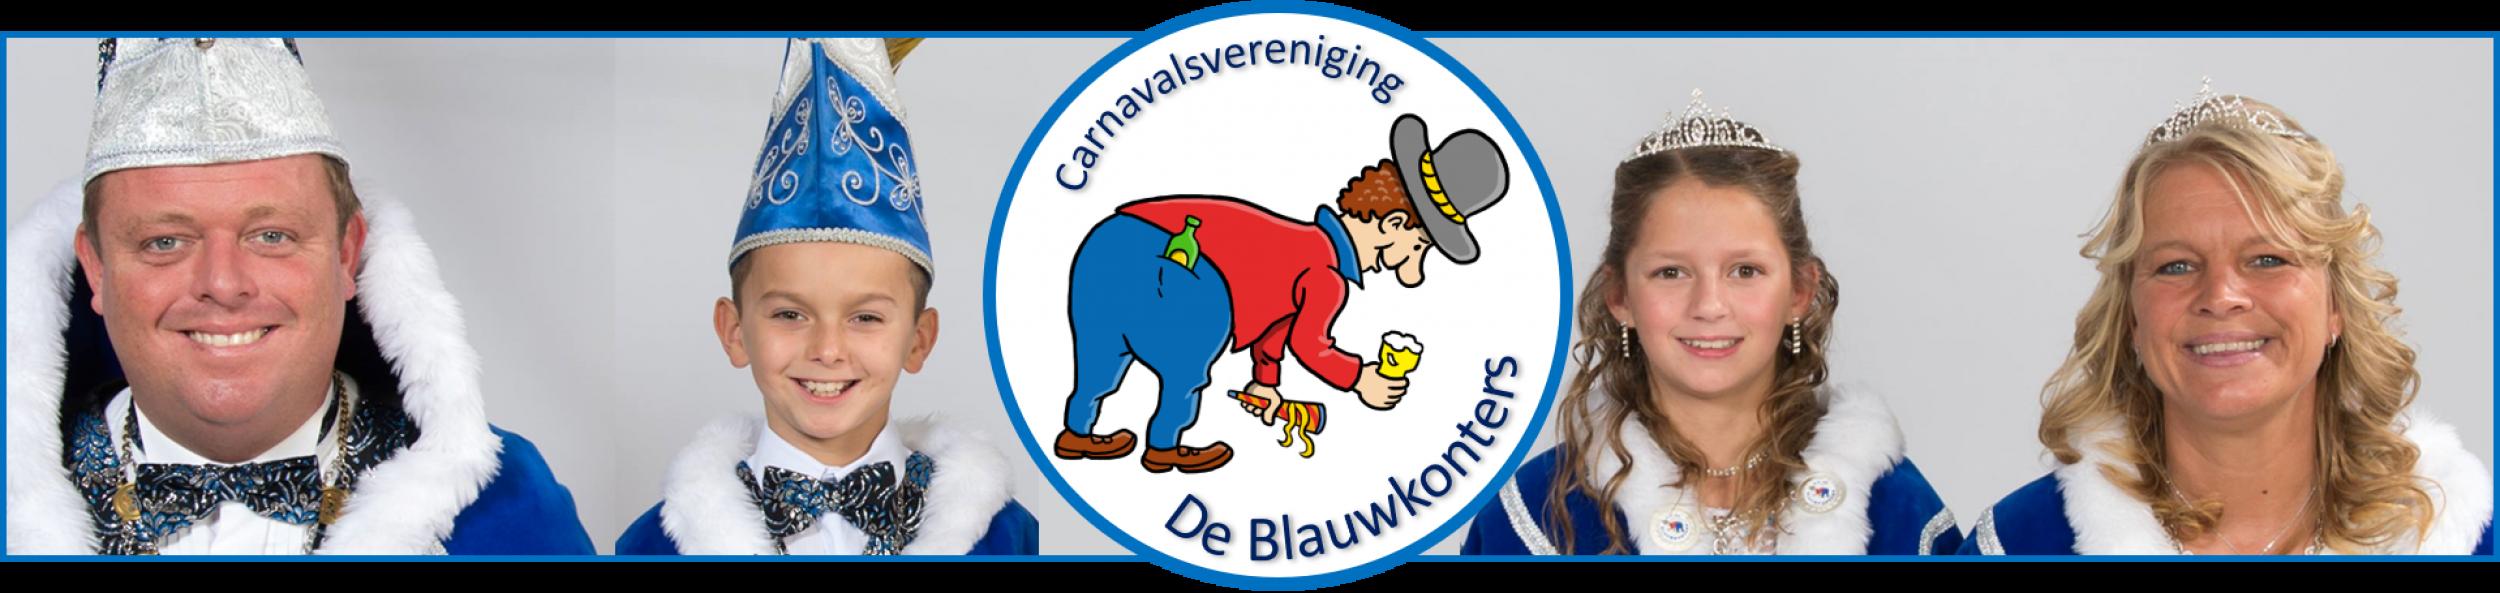 De Blauwkonters